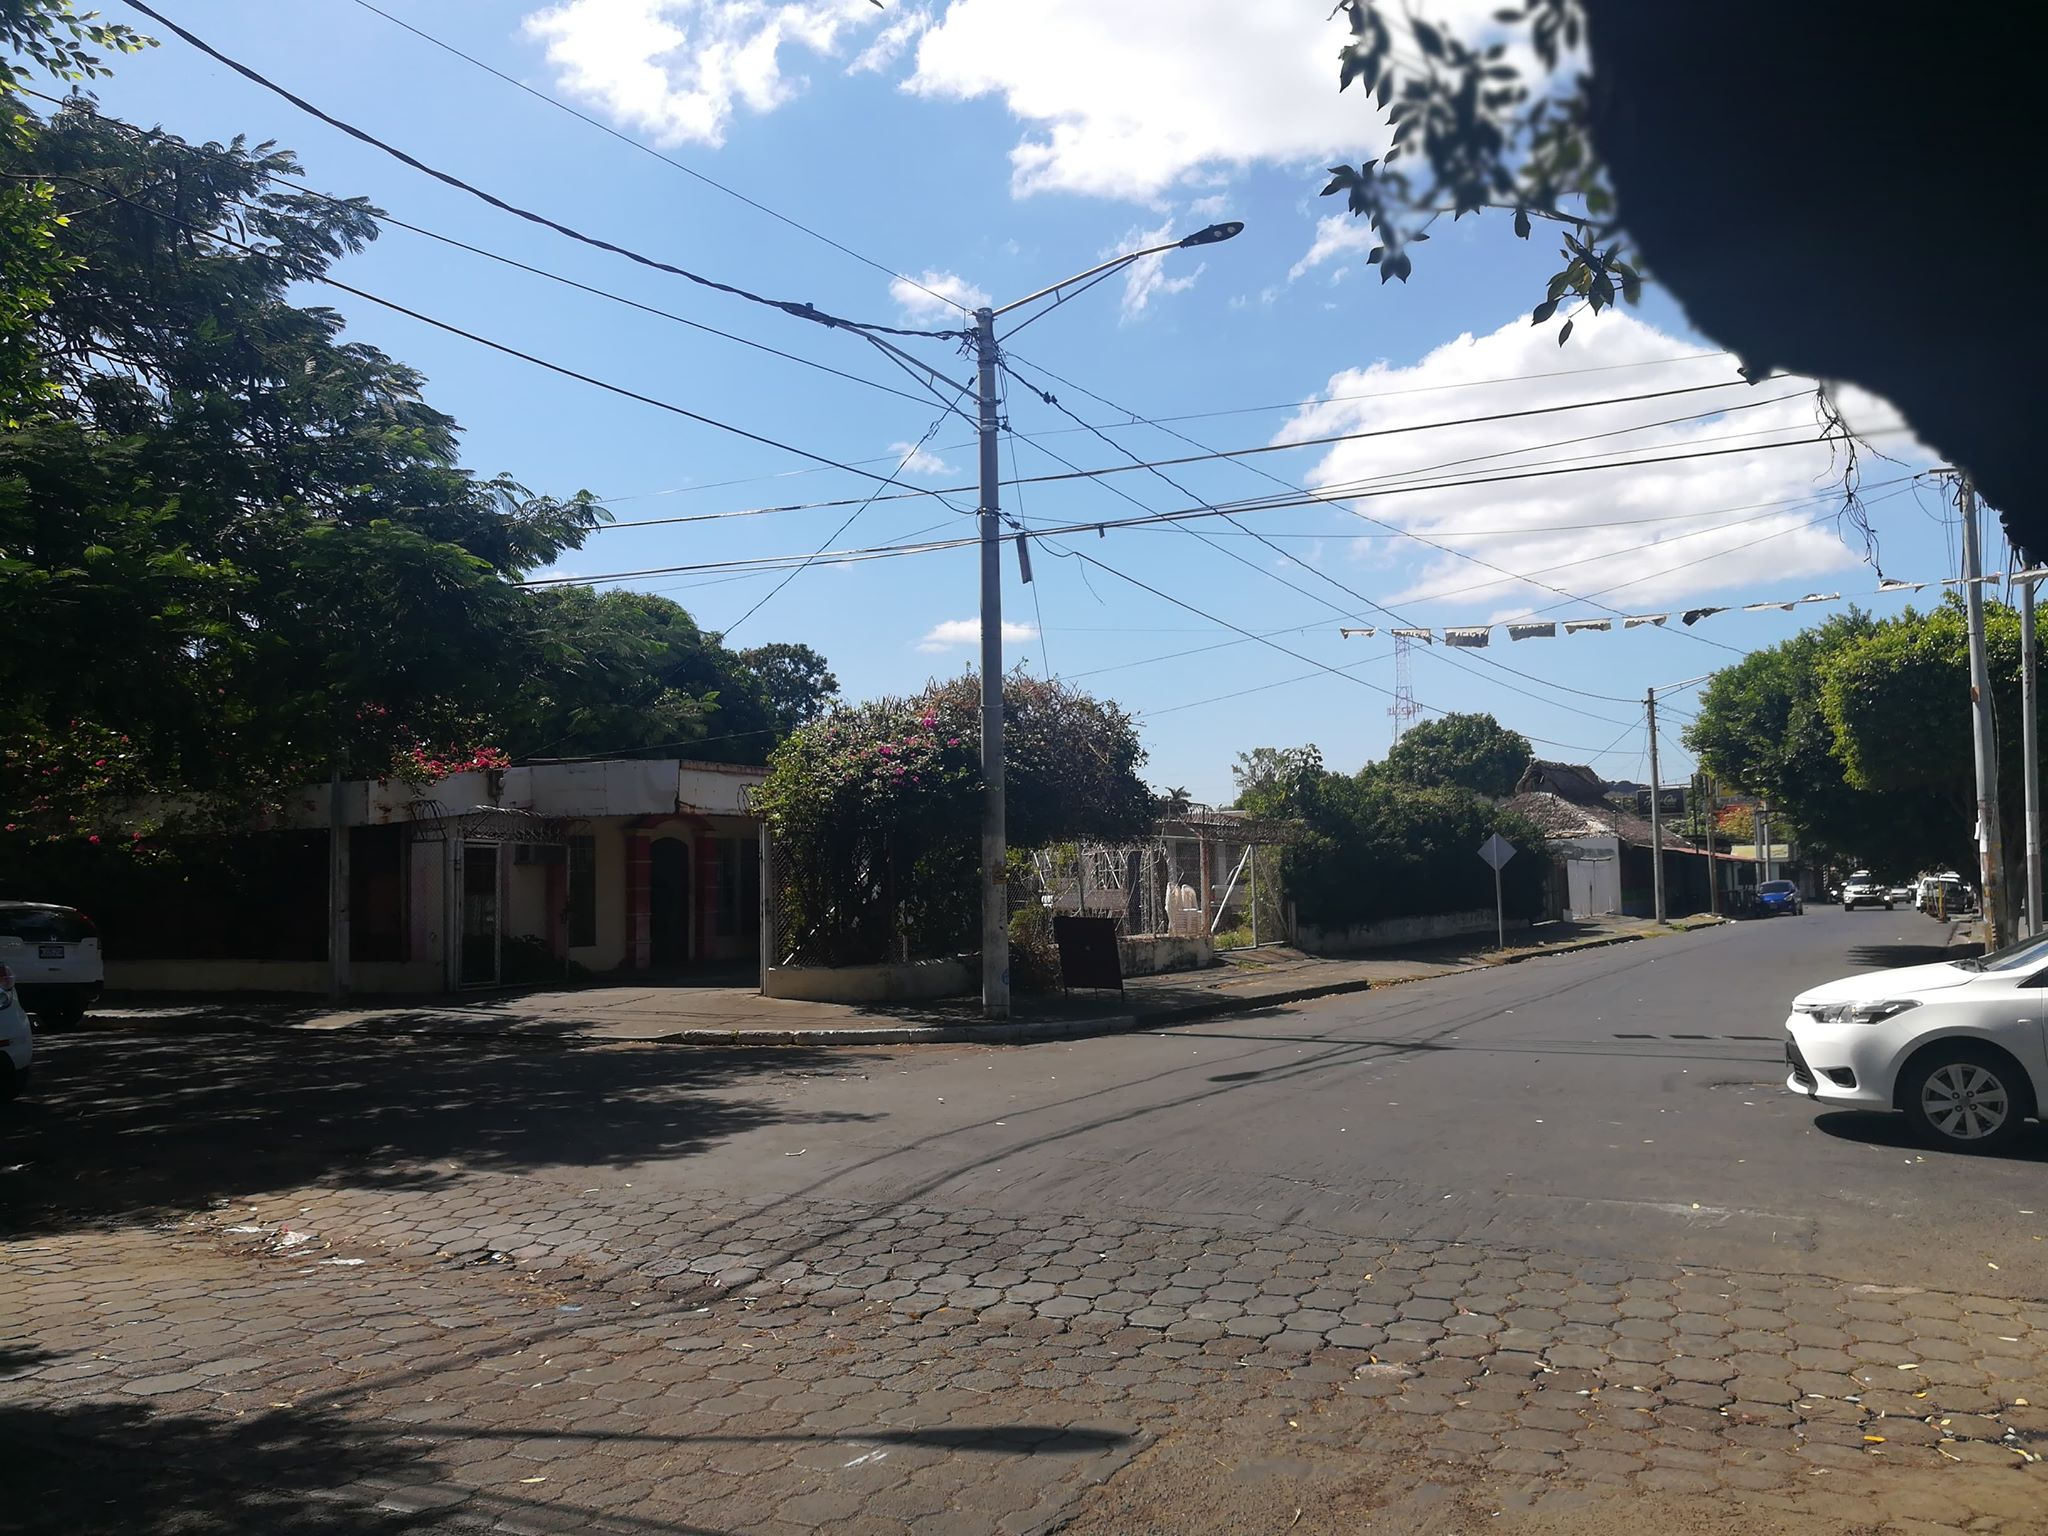 monseñor-lezcano-kmc-bienes-raices-13736543 (6)